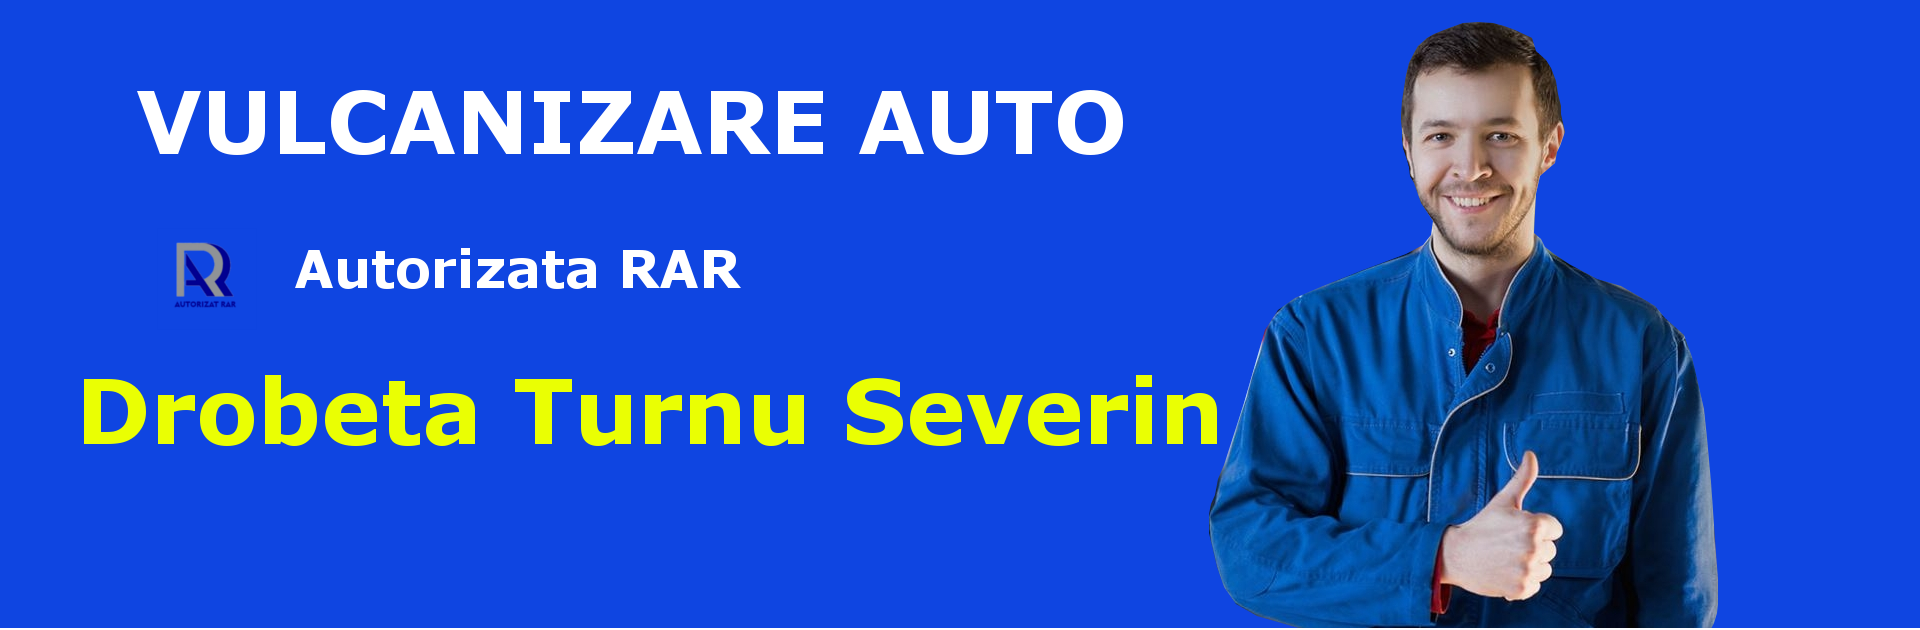 Vulcanizare Drobeta Turnu Severin